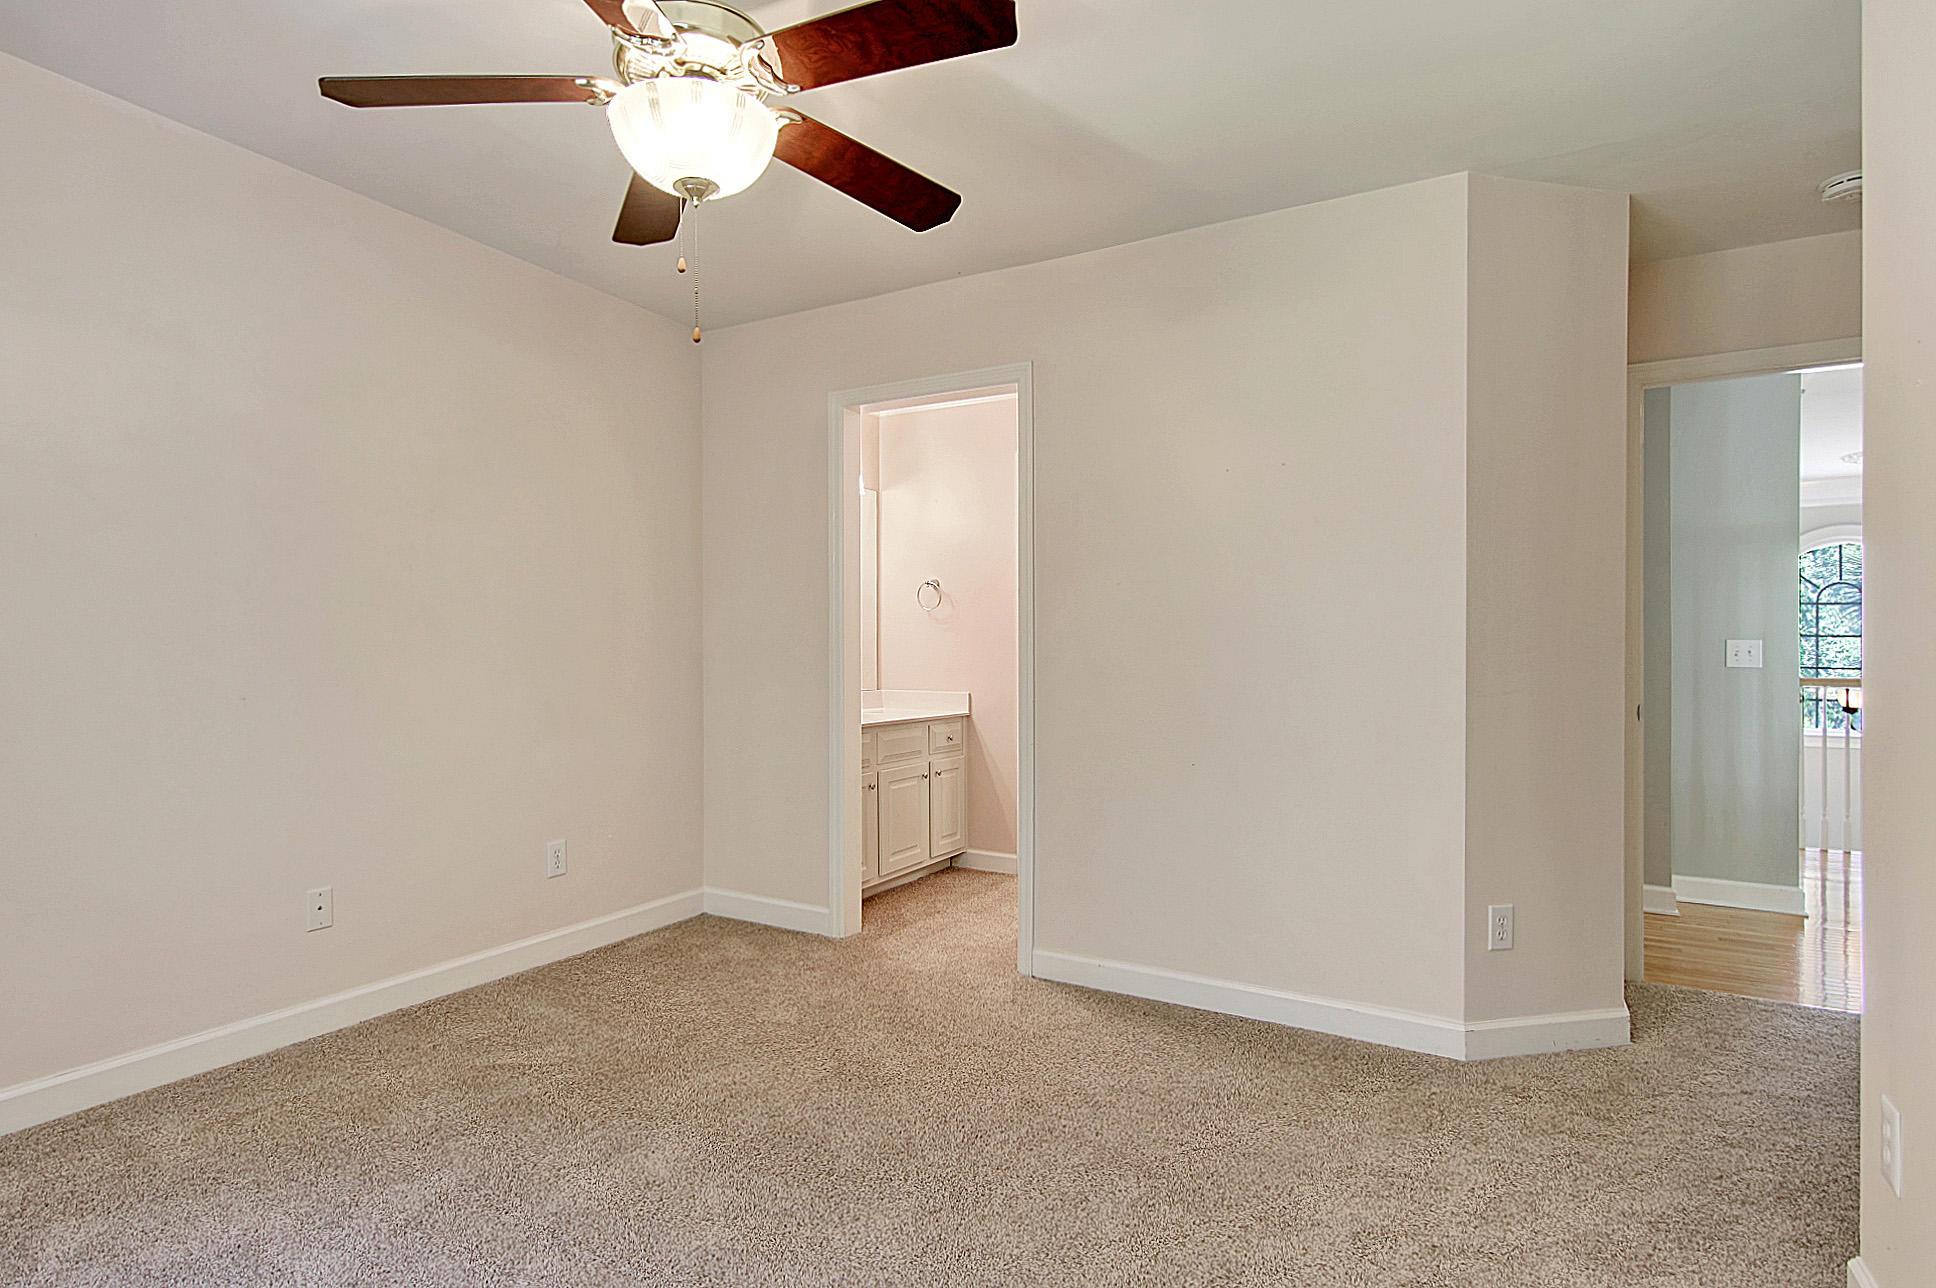 Dunes West Homes For Sale - 2236 Black Oak, Mount Pleasant, SC - 27